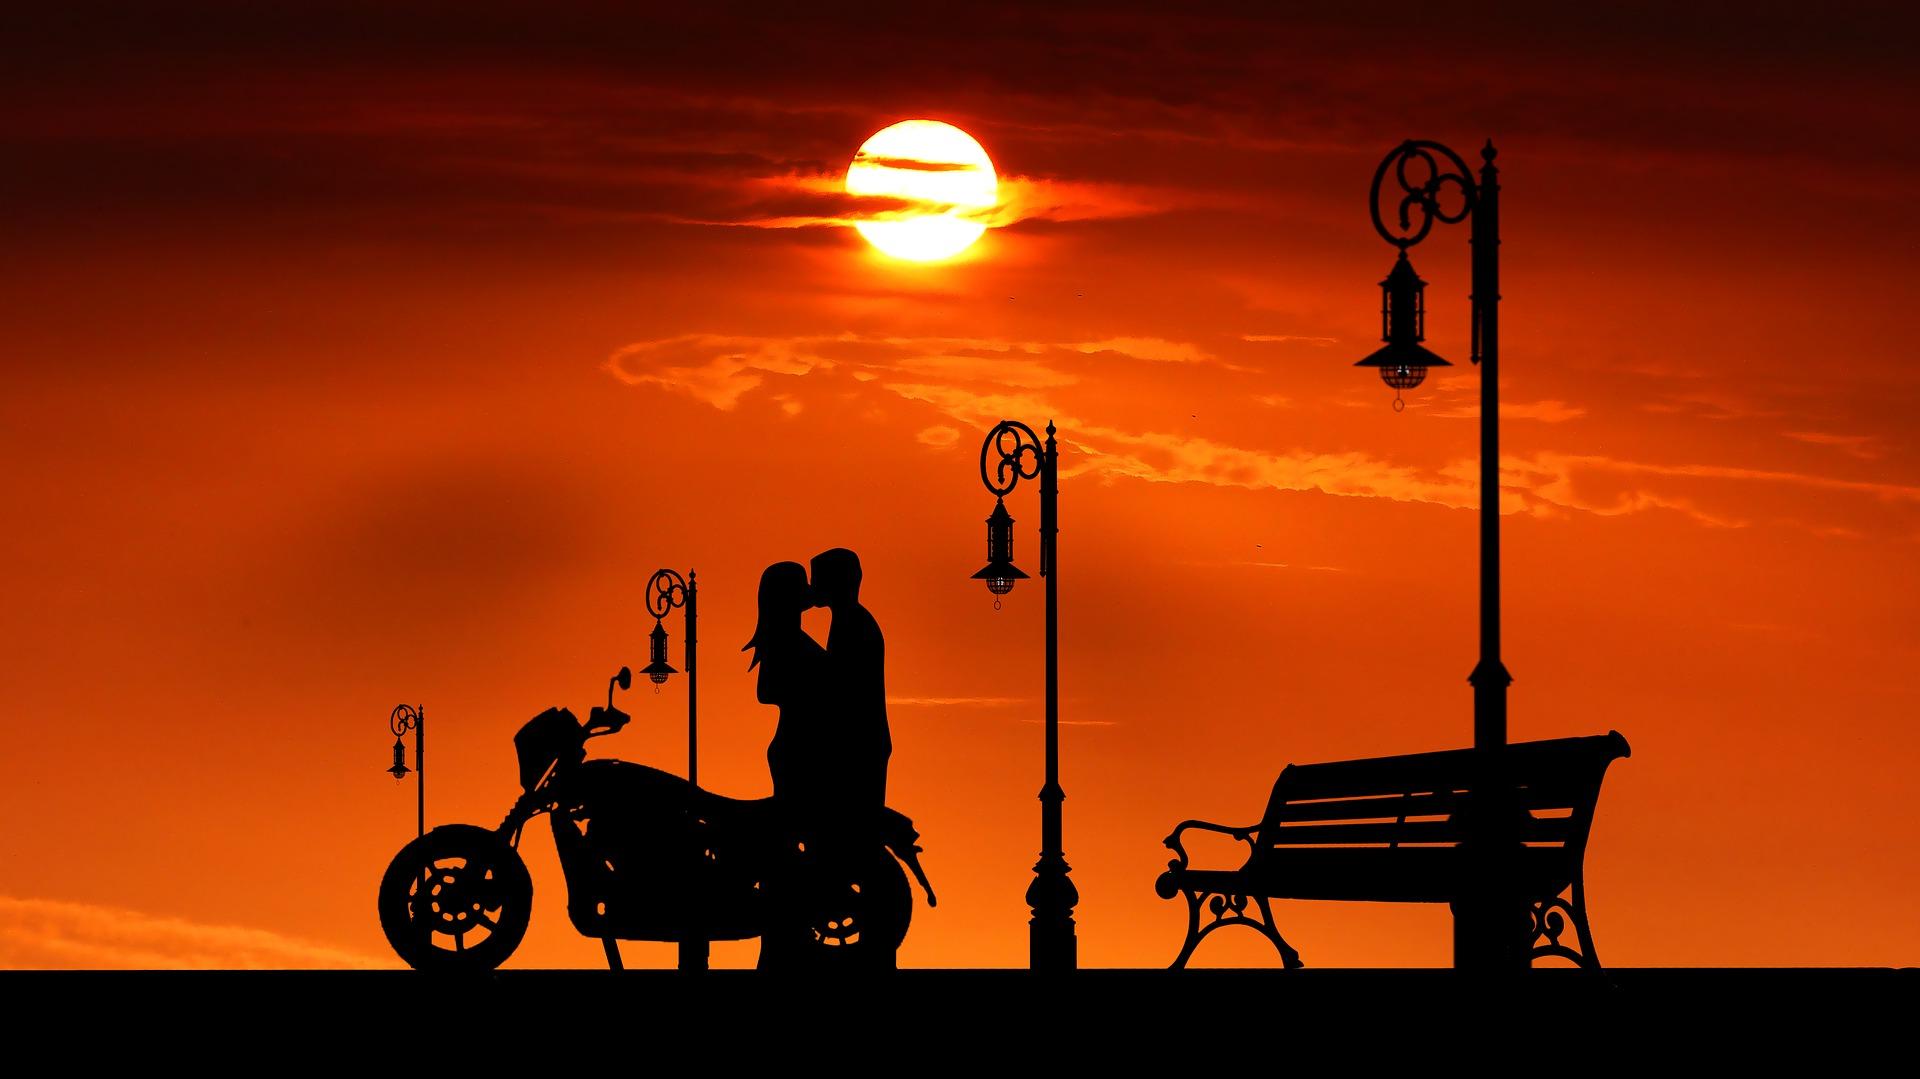 balade amoureuse